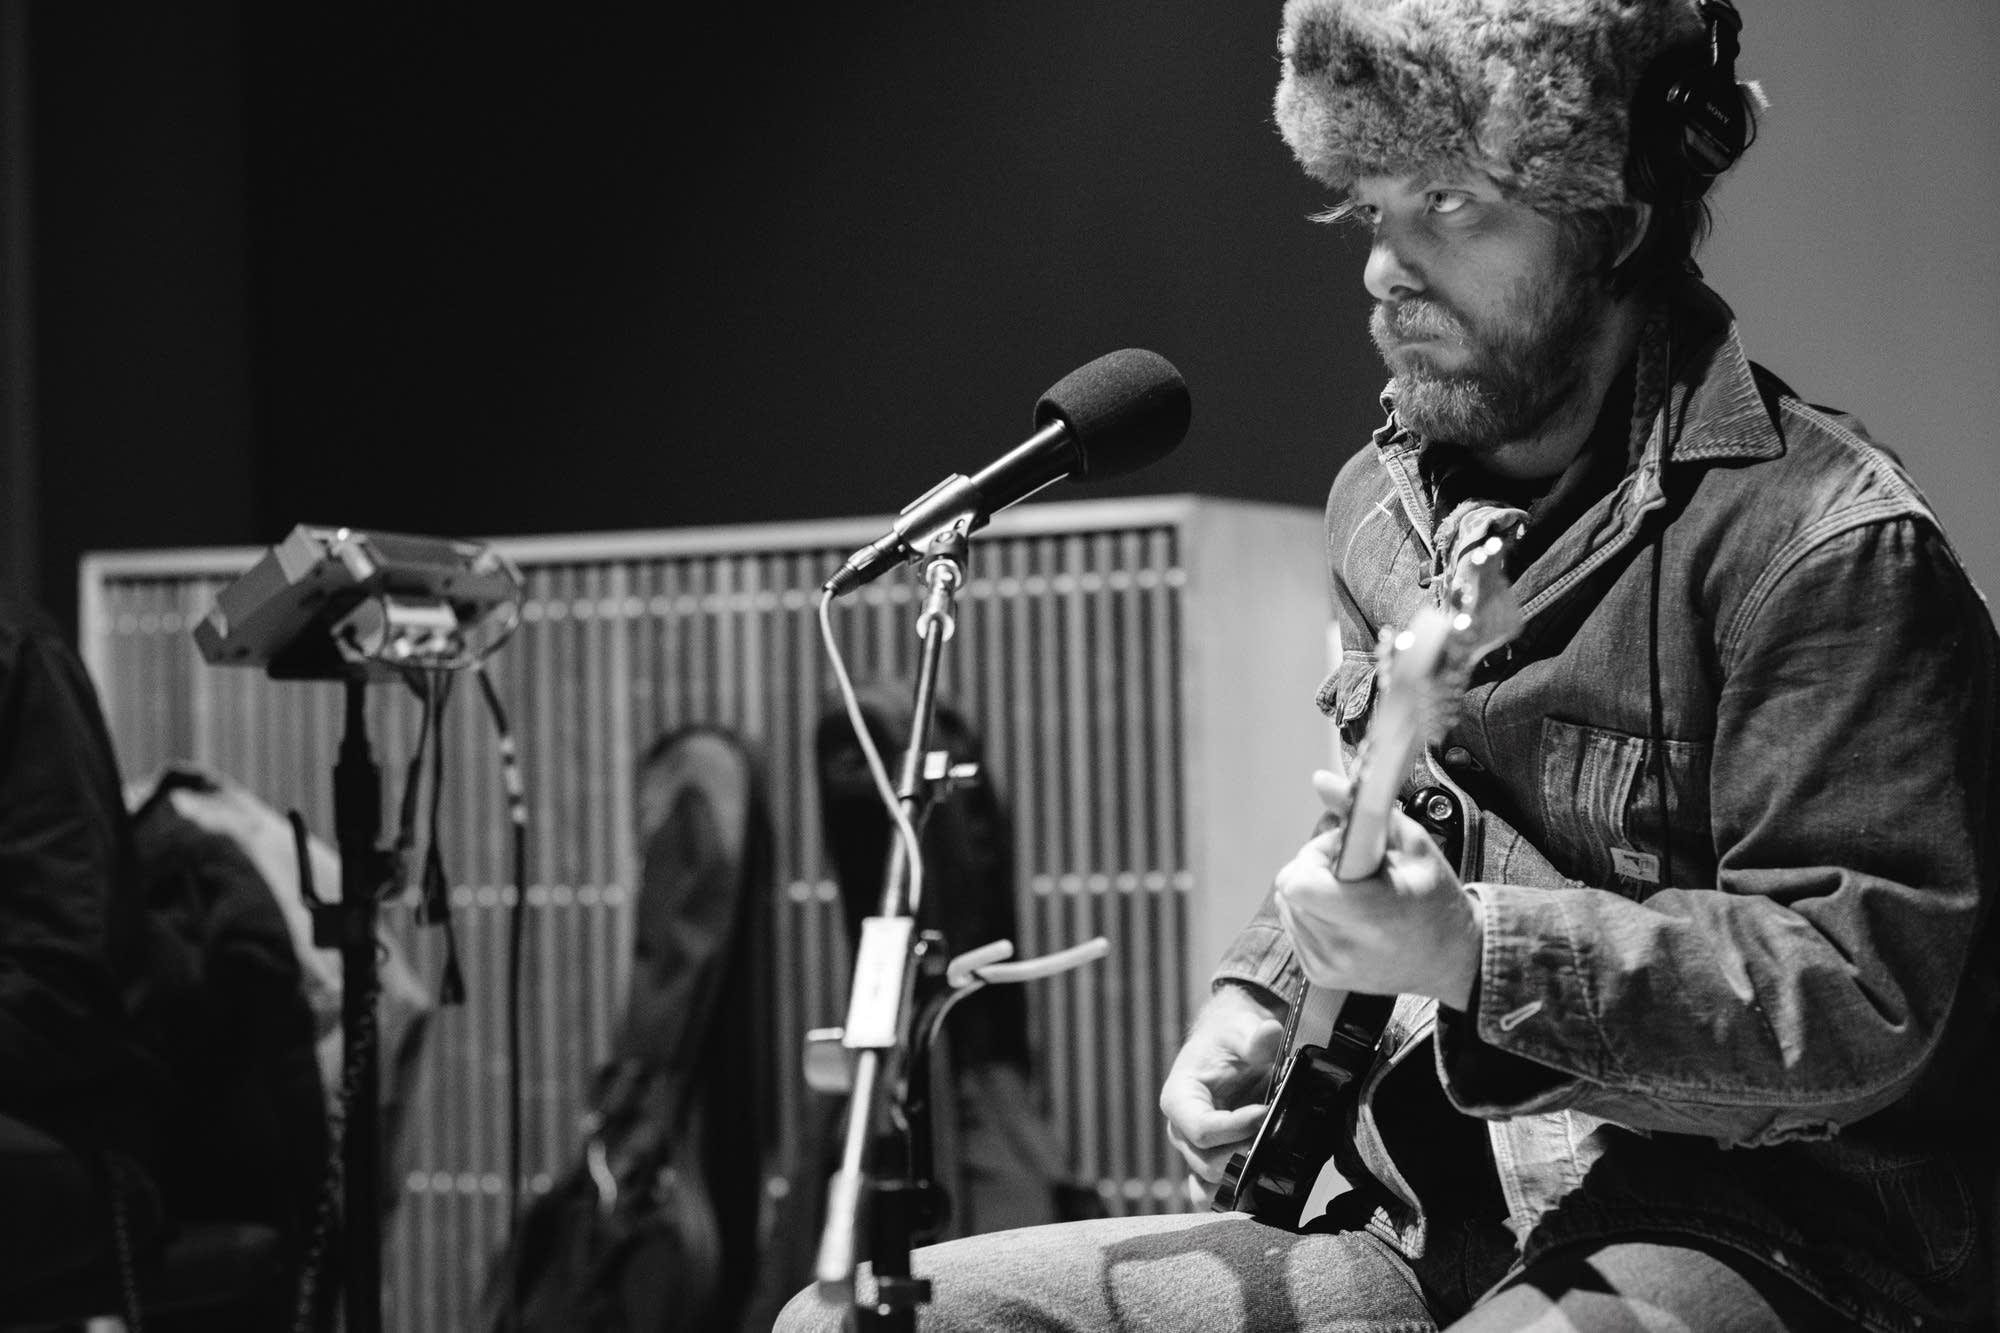 David Huckfelt performs in The Current studio